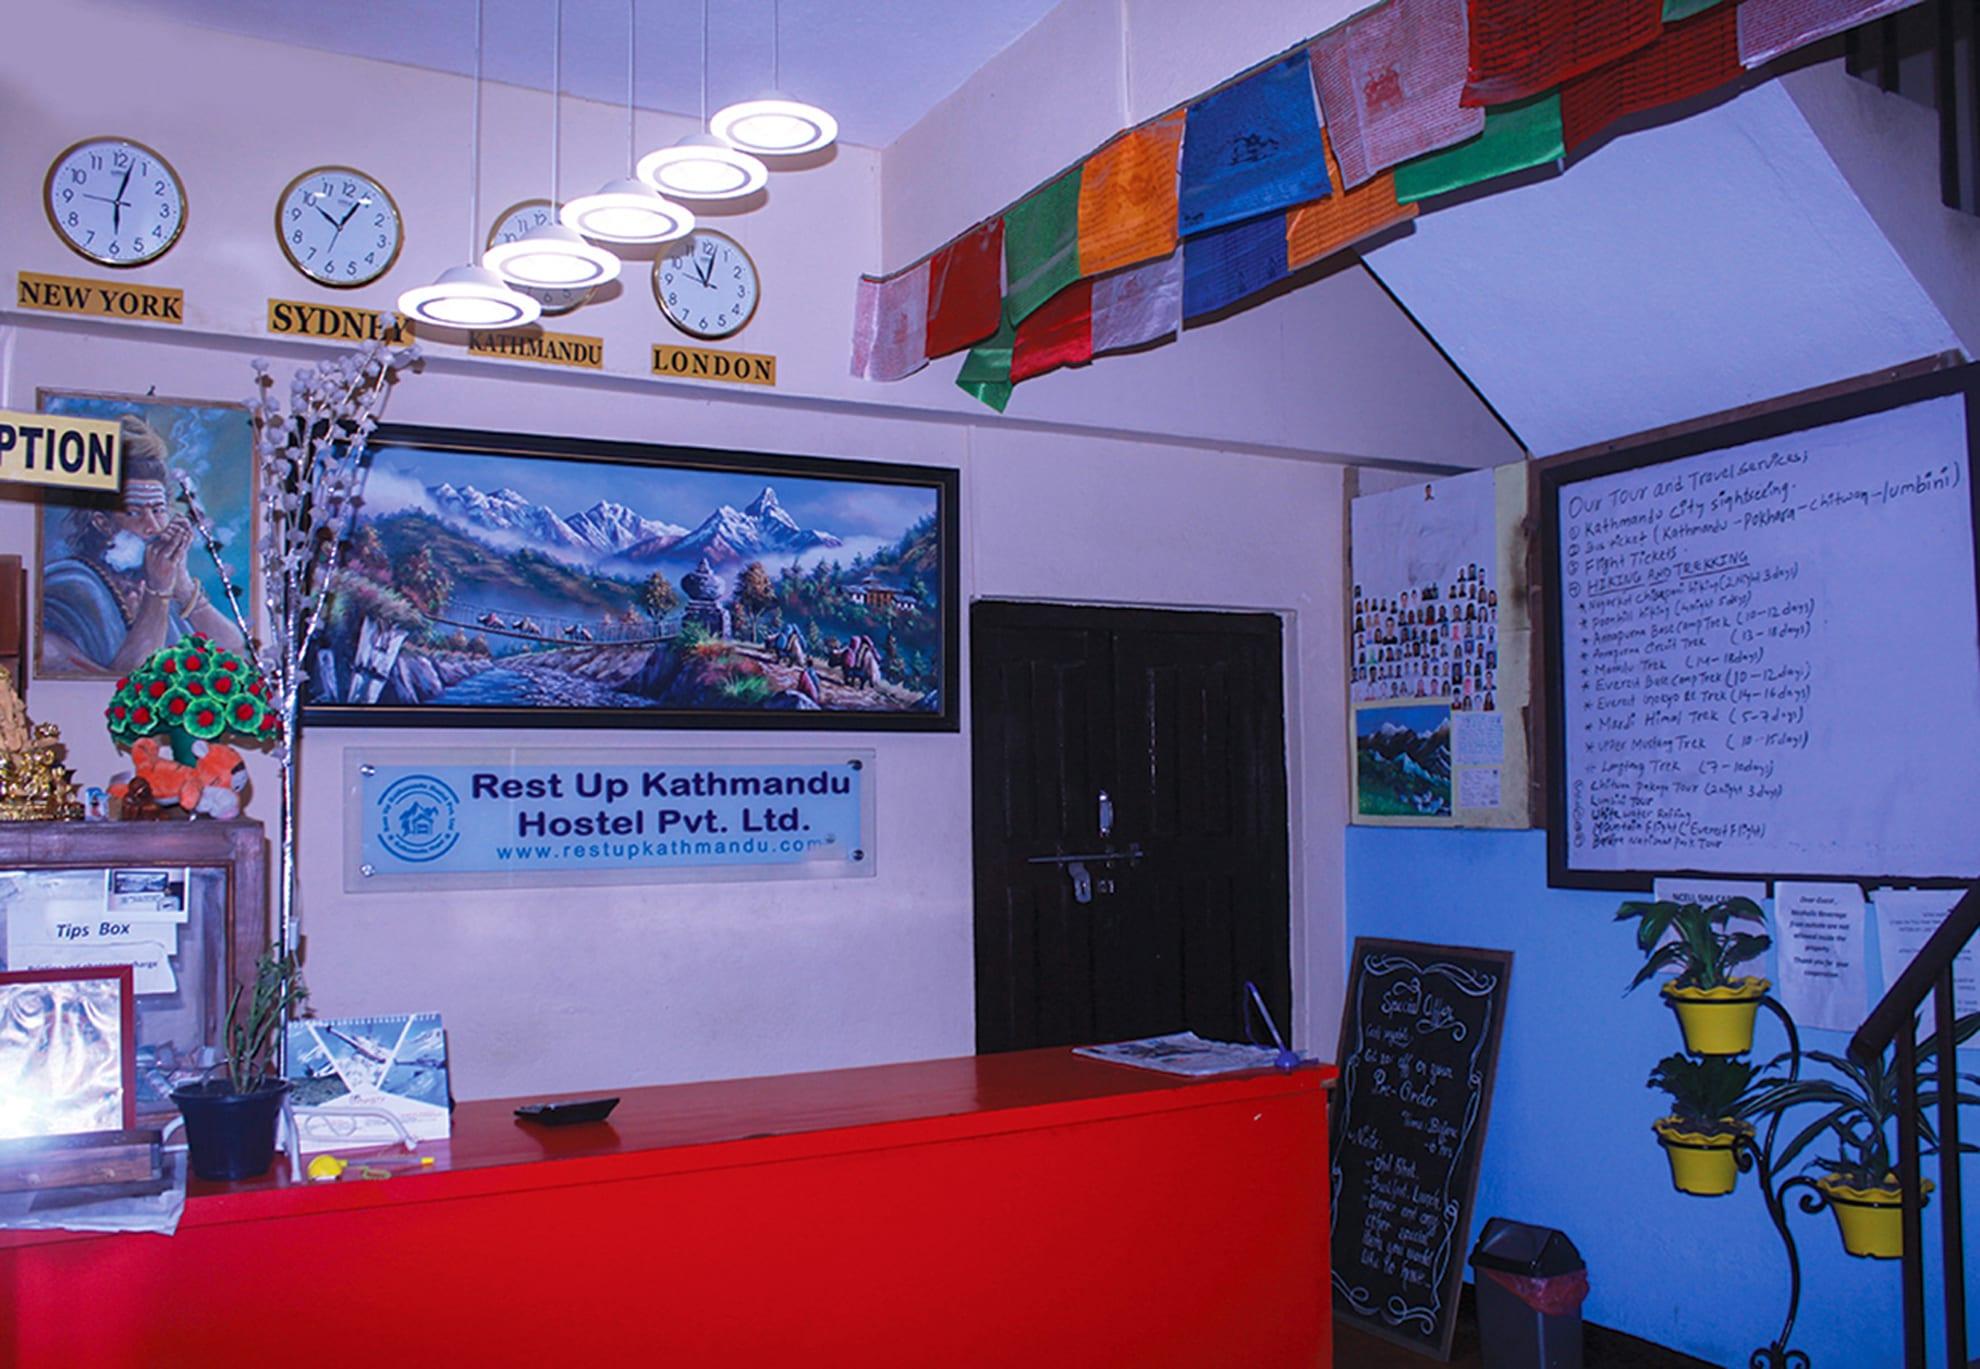 HOSTEL - Rest Up Kathmandu Hostel